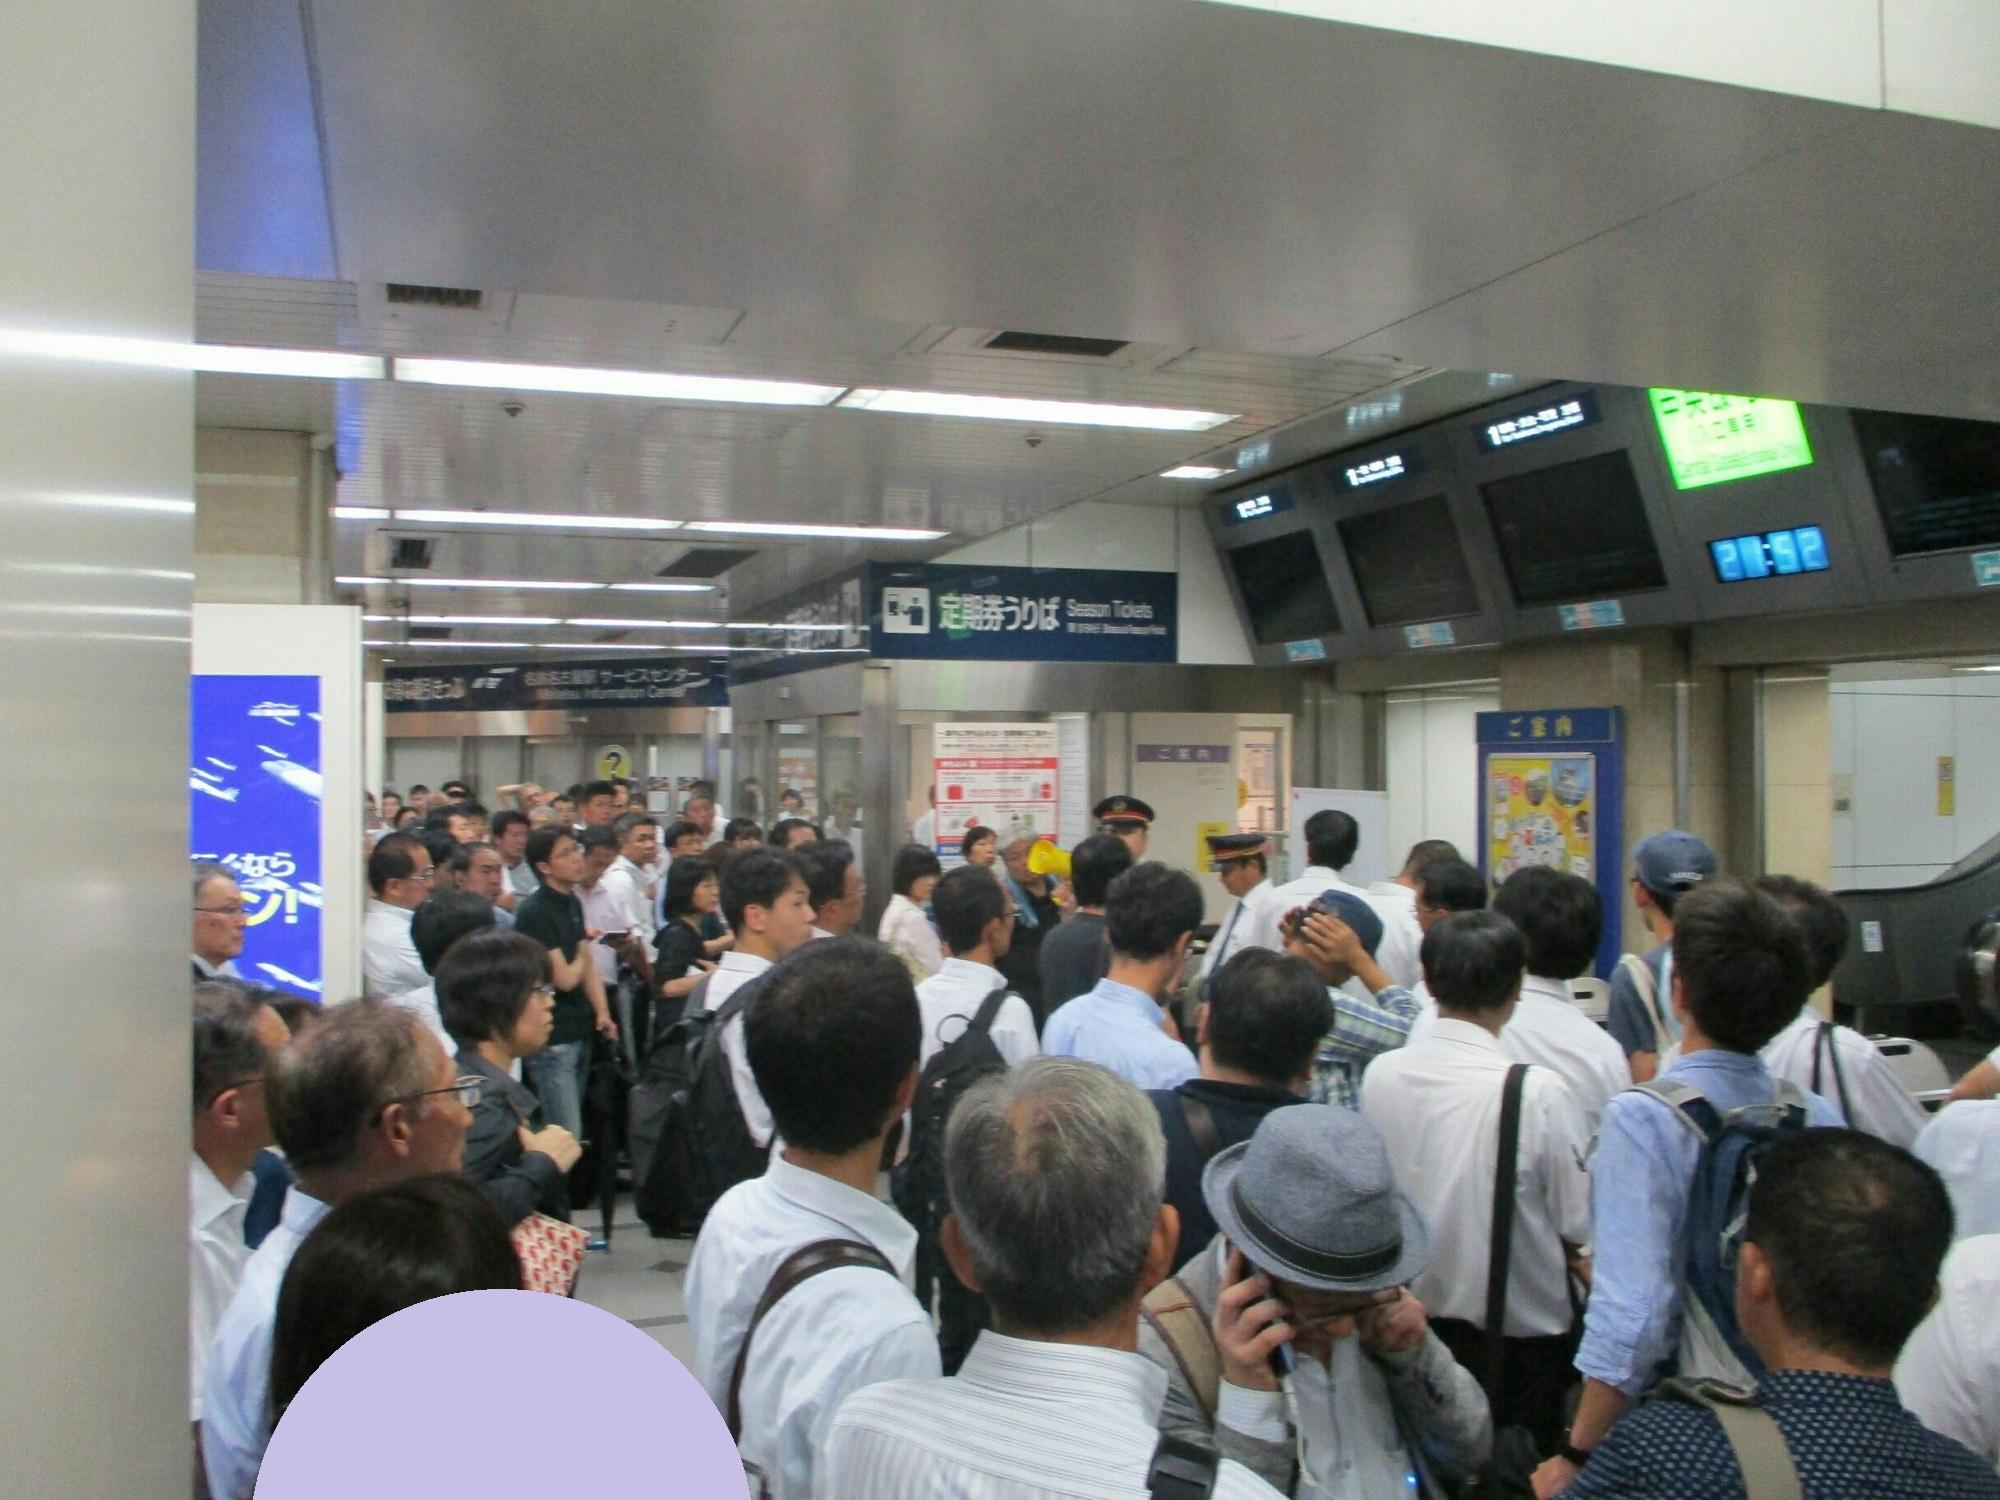 2018.9.4 (88) 名鉄名古屋 - 中央かいさつ 2000-1500